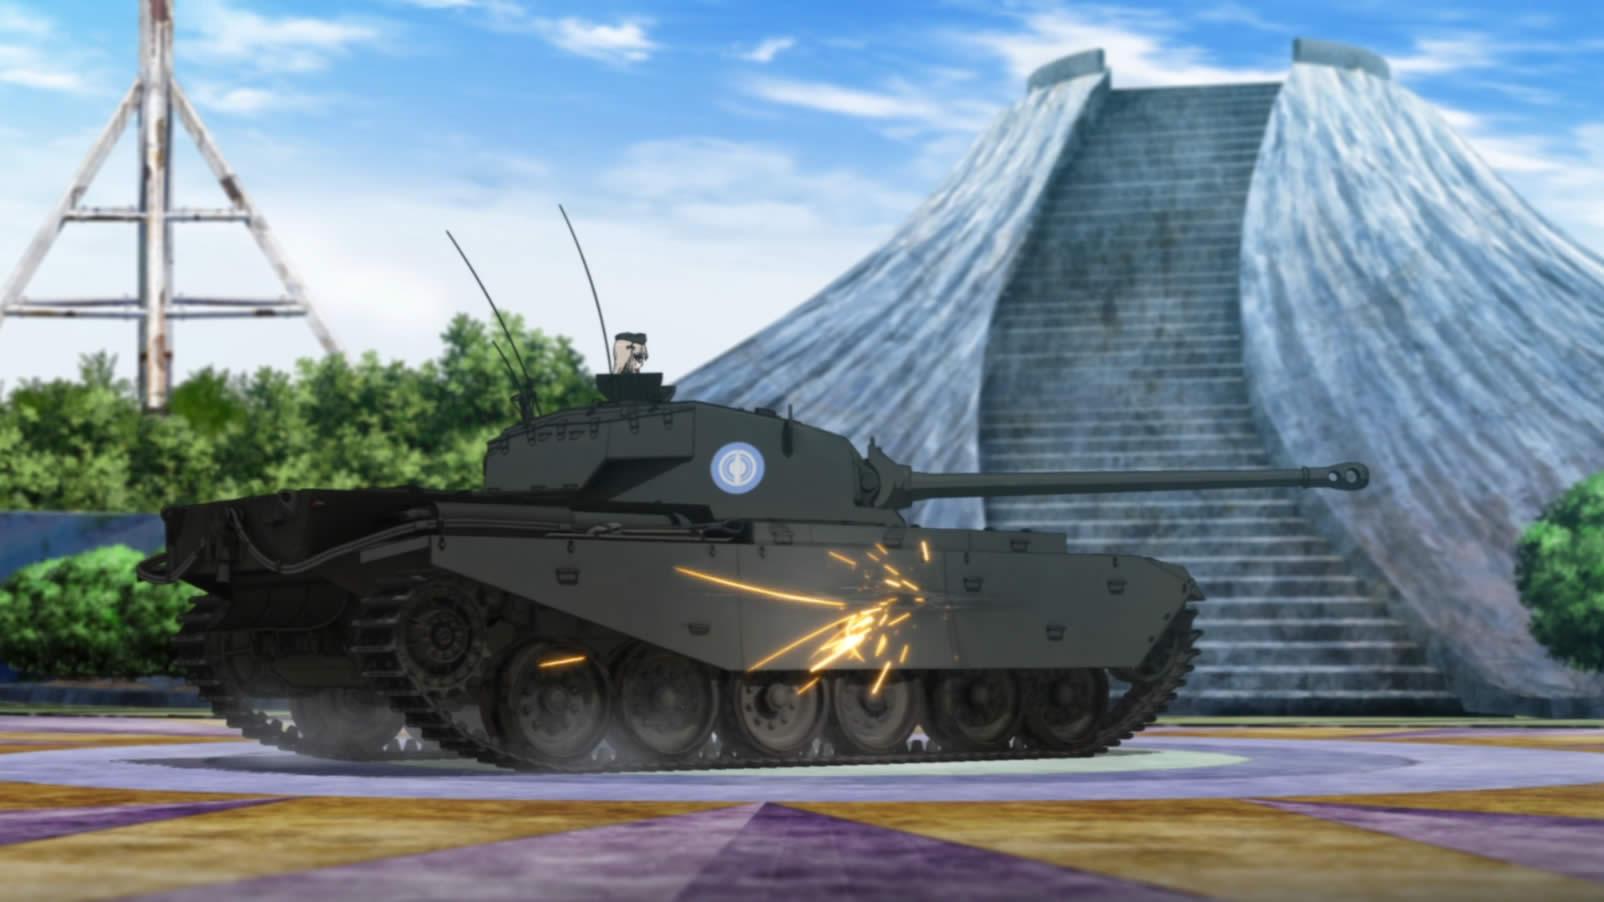 ガールズ&パンツァー センチュリオン 側面装甲で砲弾を弾く